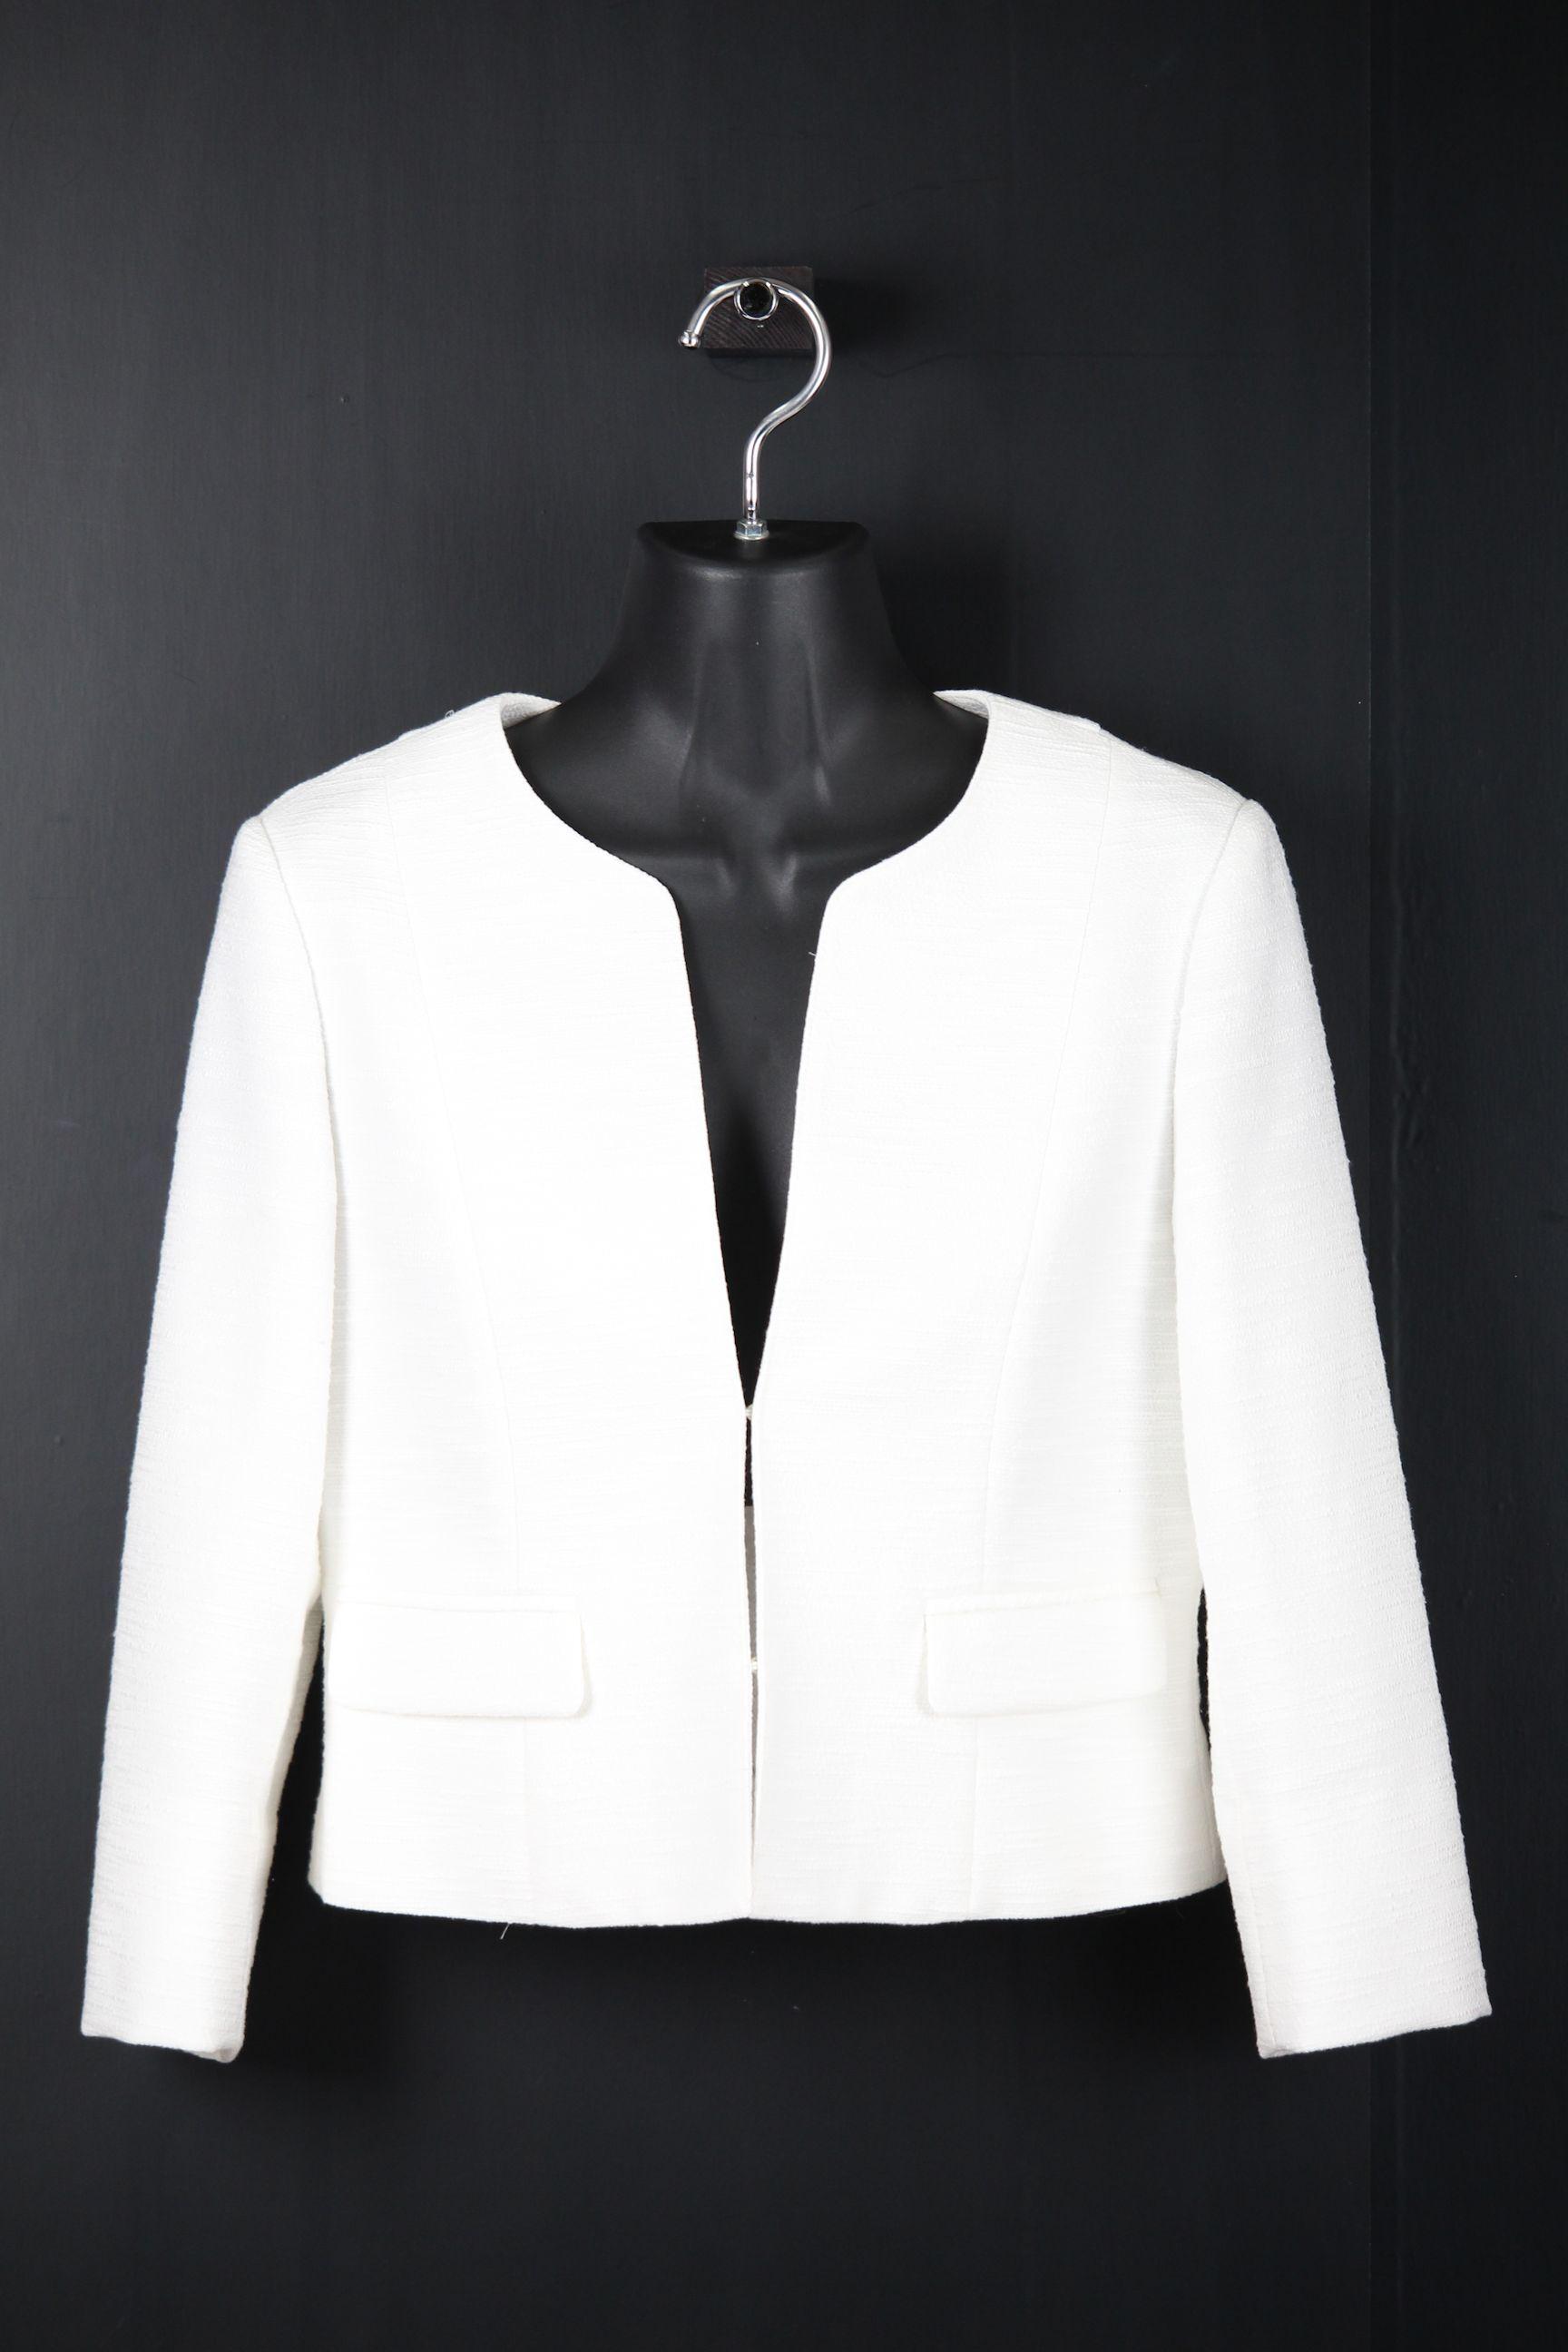 深Vネック七分袖白ジャケット